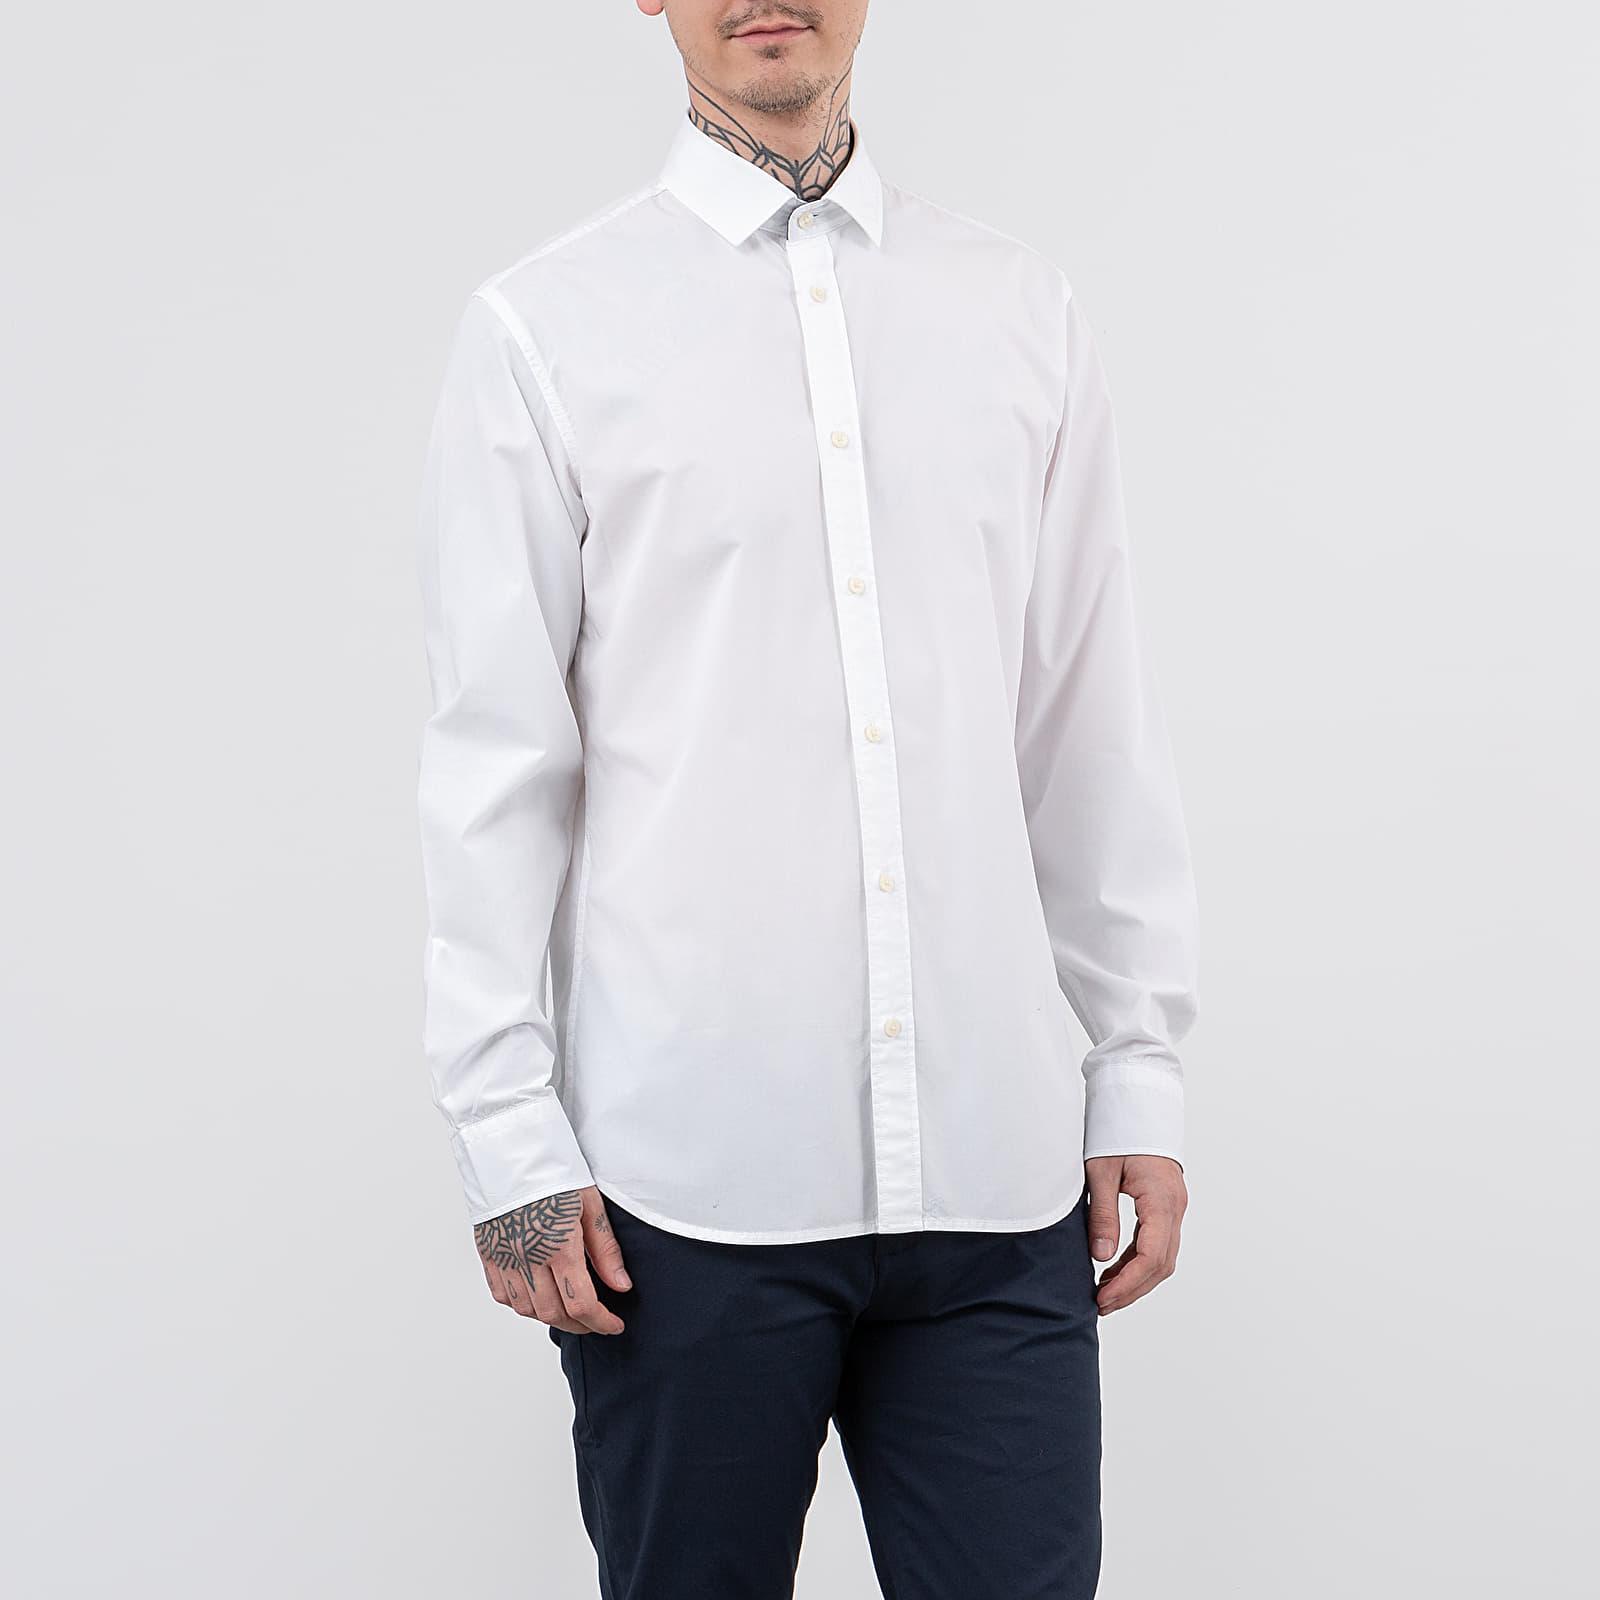 SELECTED Slim Fit Shirt